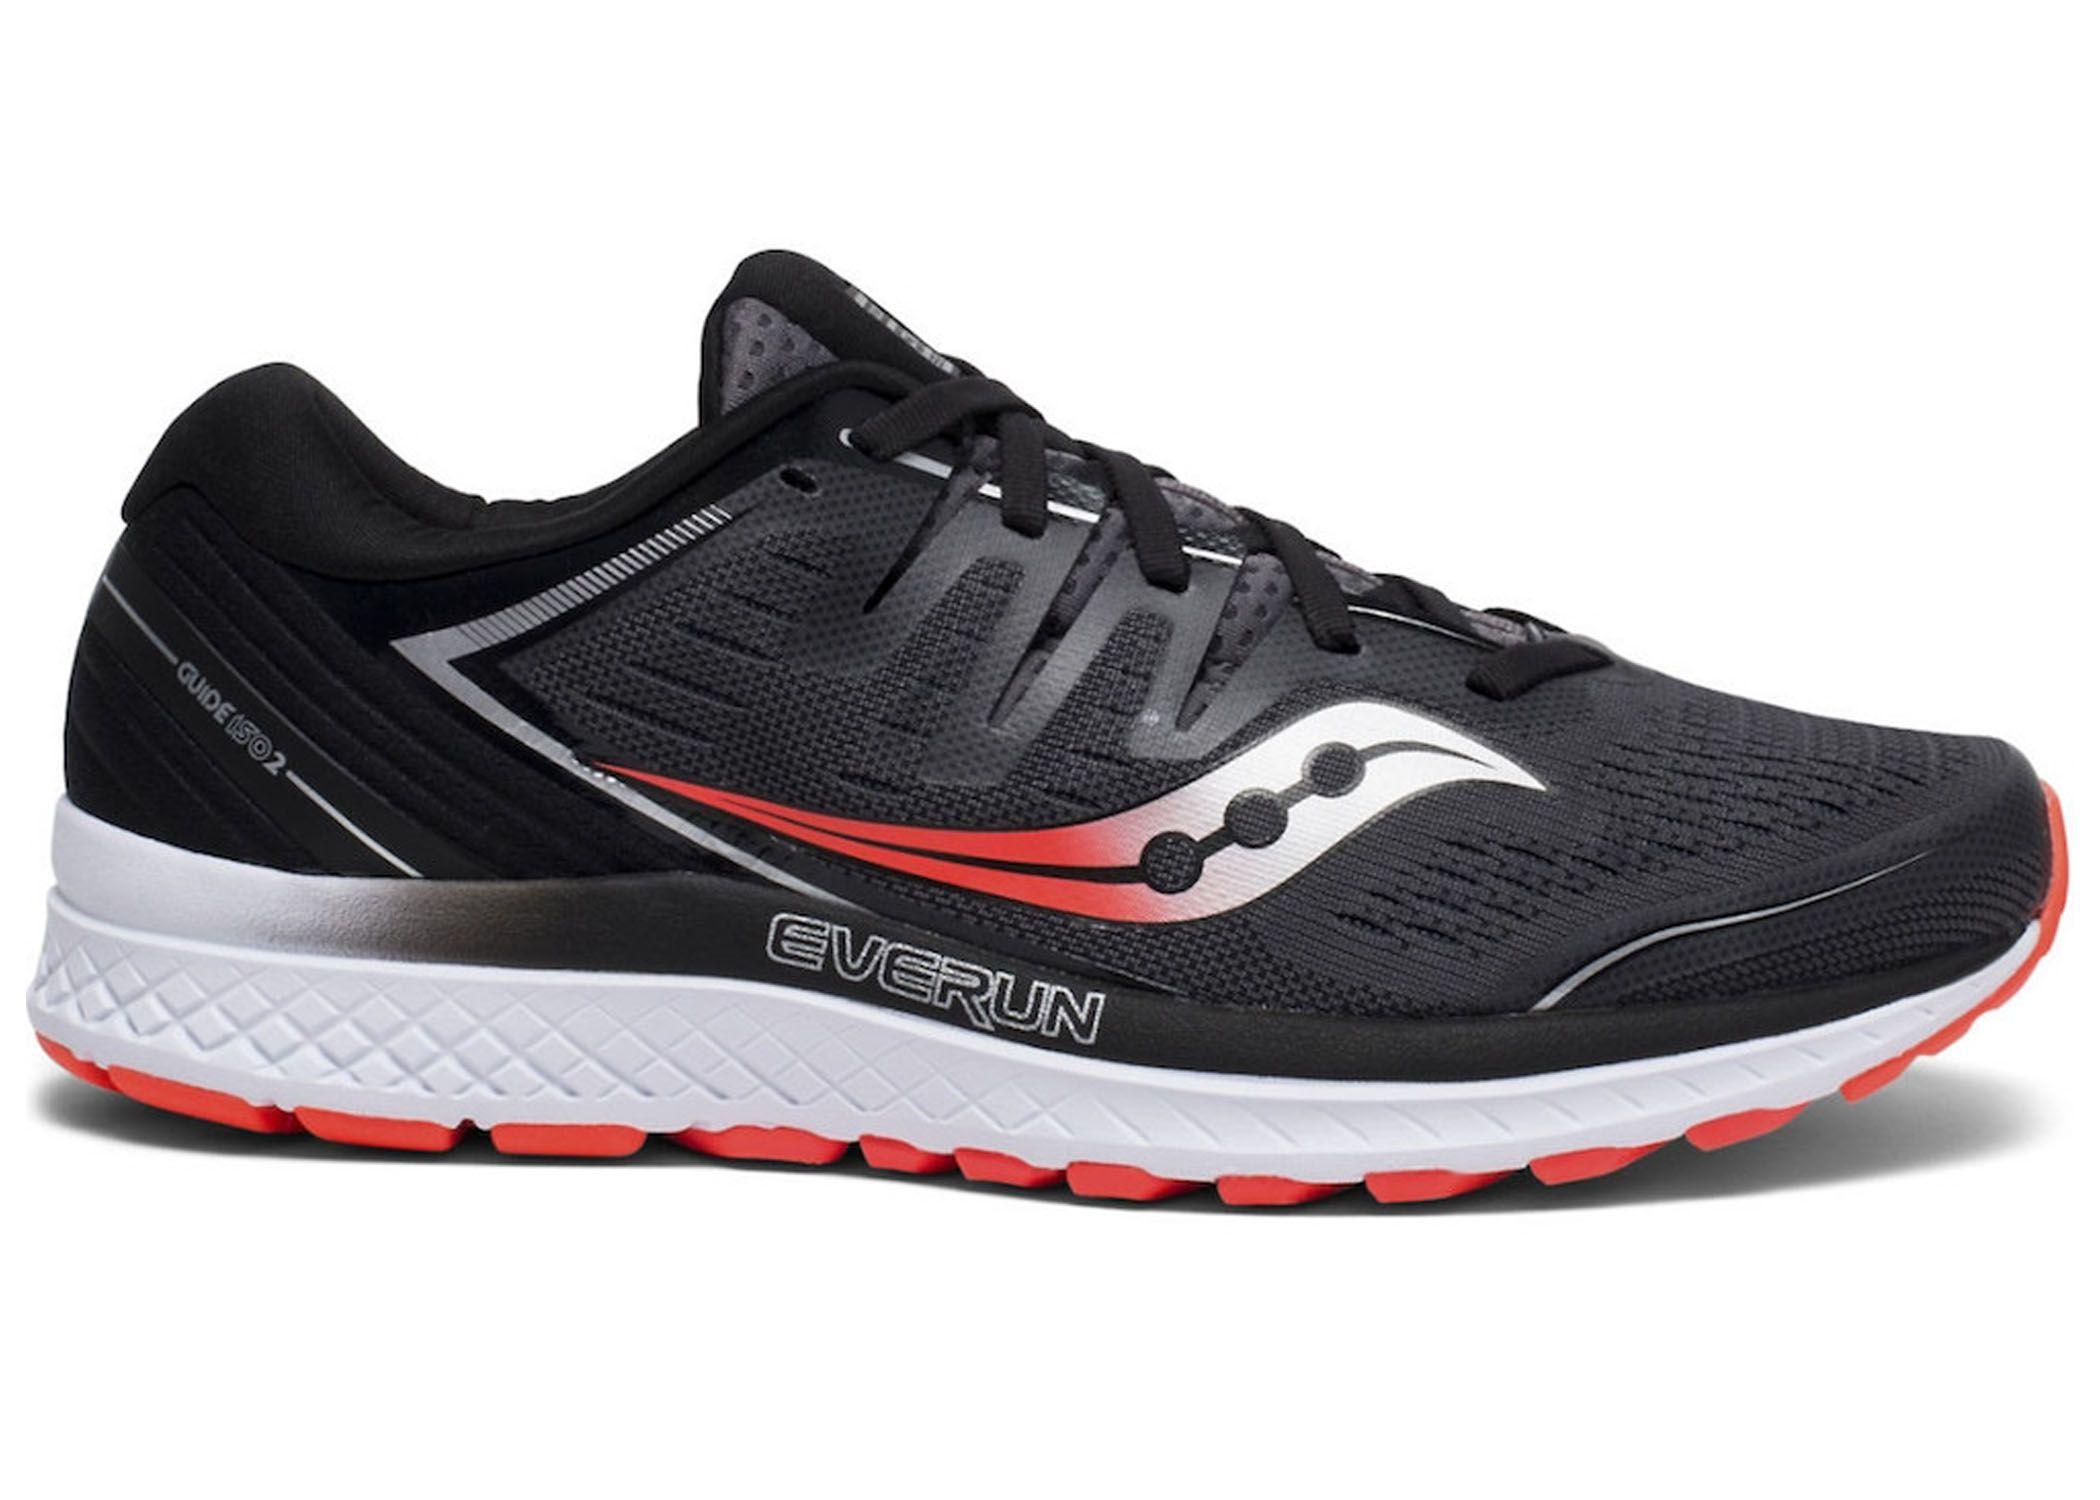 buy popular 85405 ebd93 10 Best Running Shoes for Men 2019 - Men s Running Sneaker Reviews